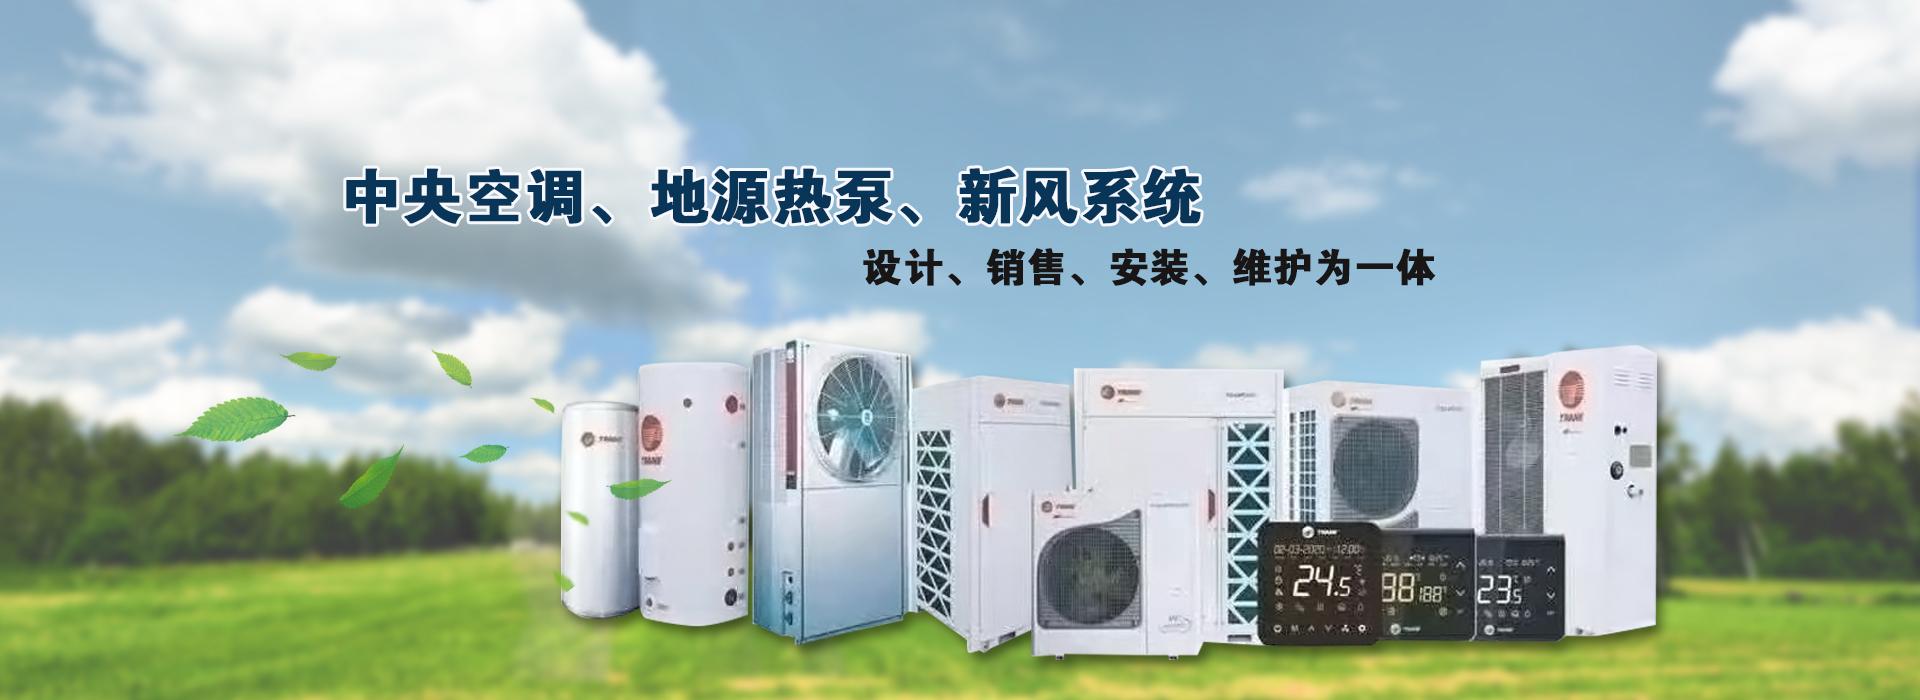 中央空調安裝,滕州中央空調維修,臨沂中央空調保養